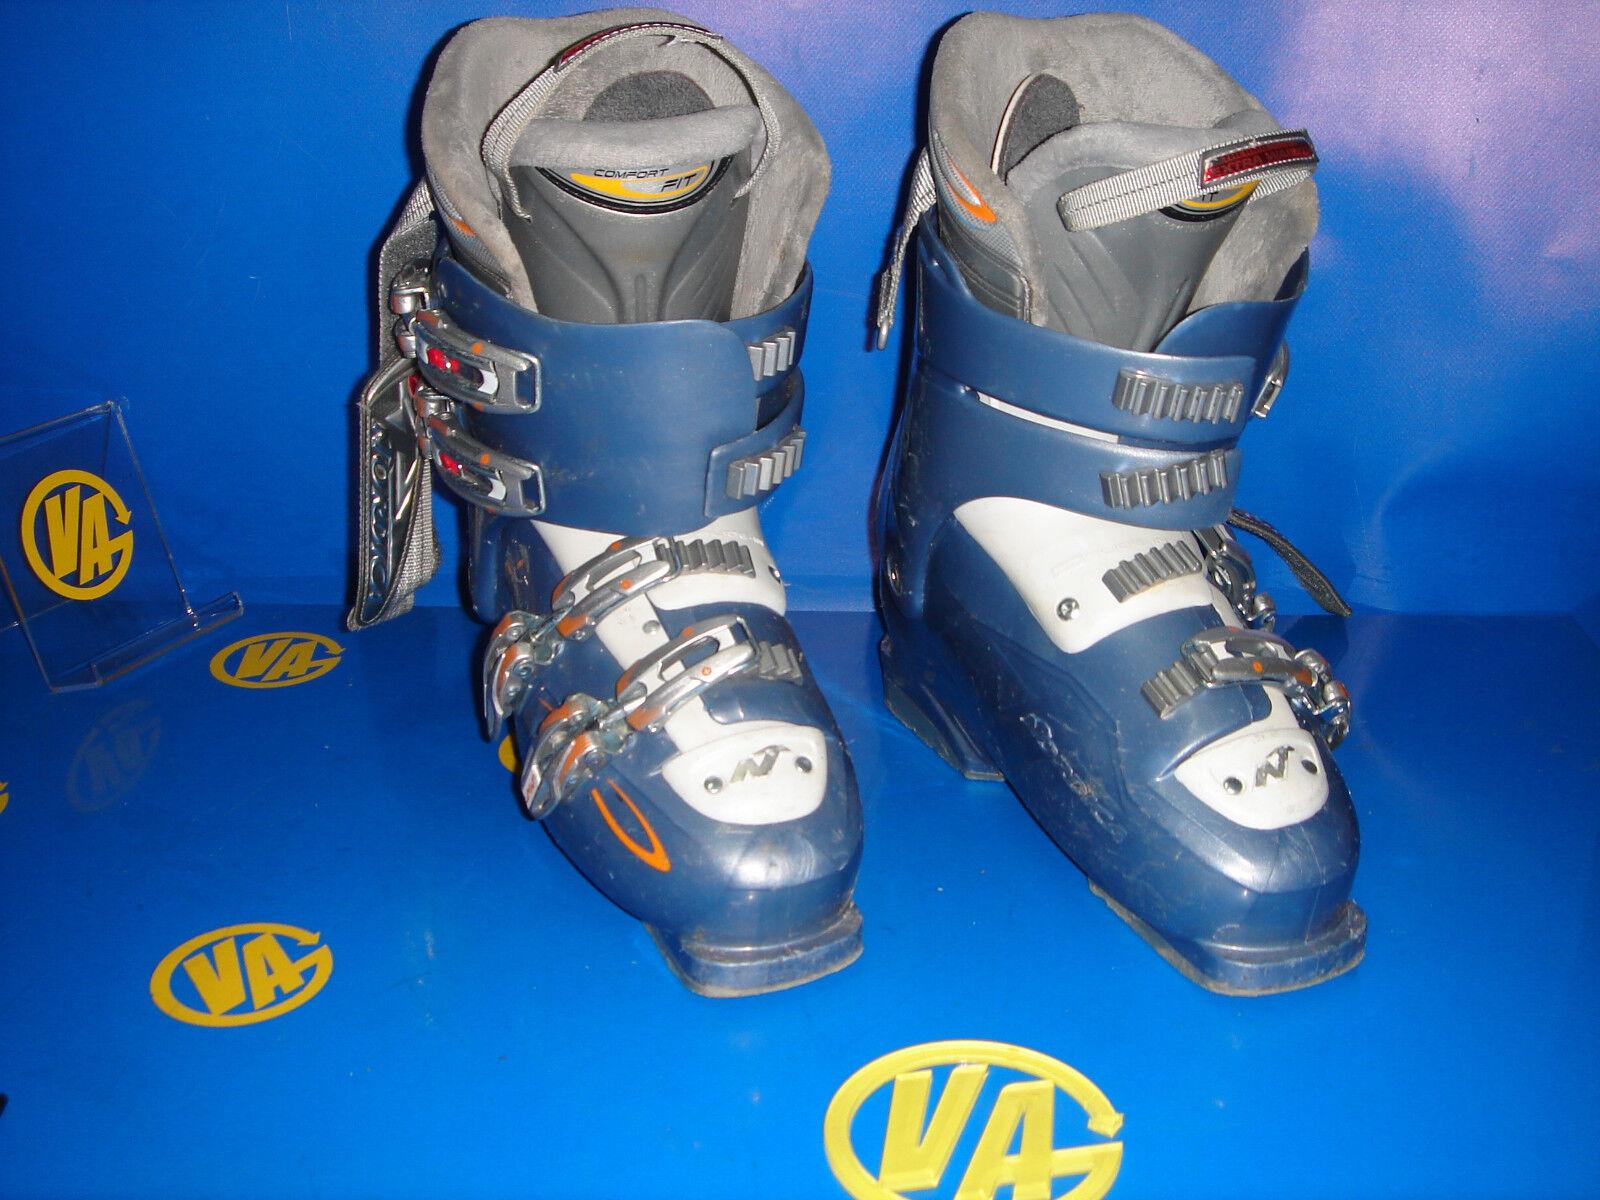 Stiefel Skifahren Nordica EM12 Olympia für Ski Größe 40 41-  265 mm  save up to 70% discount